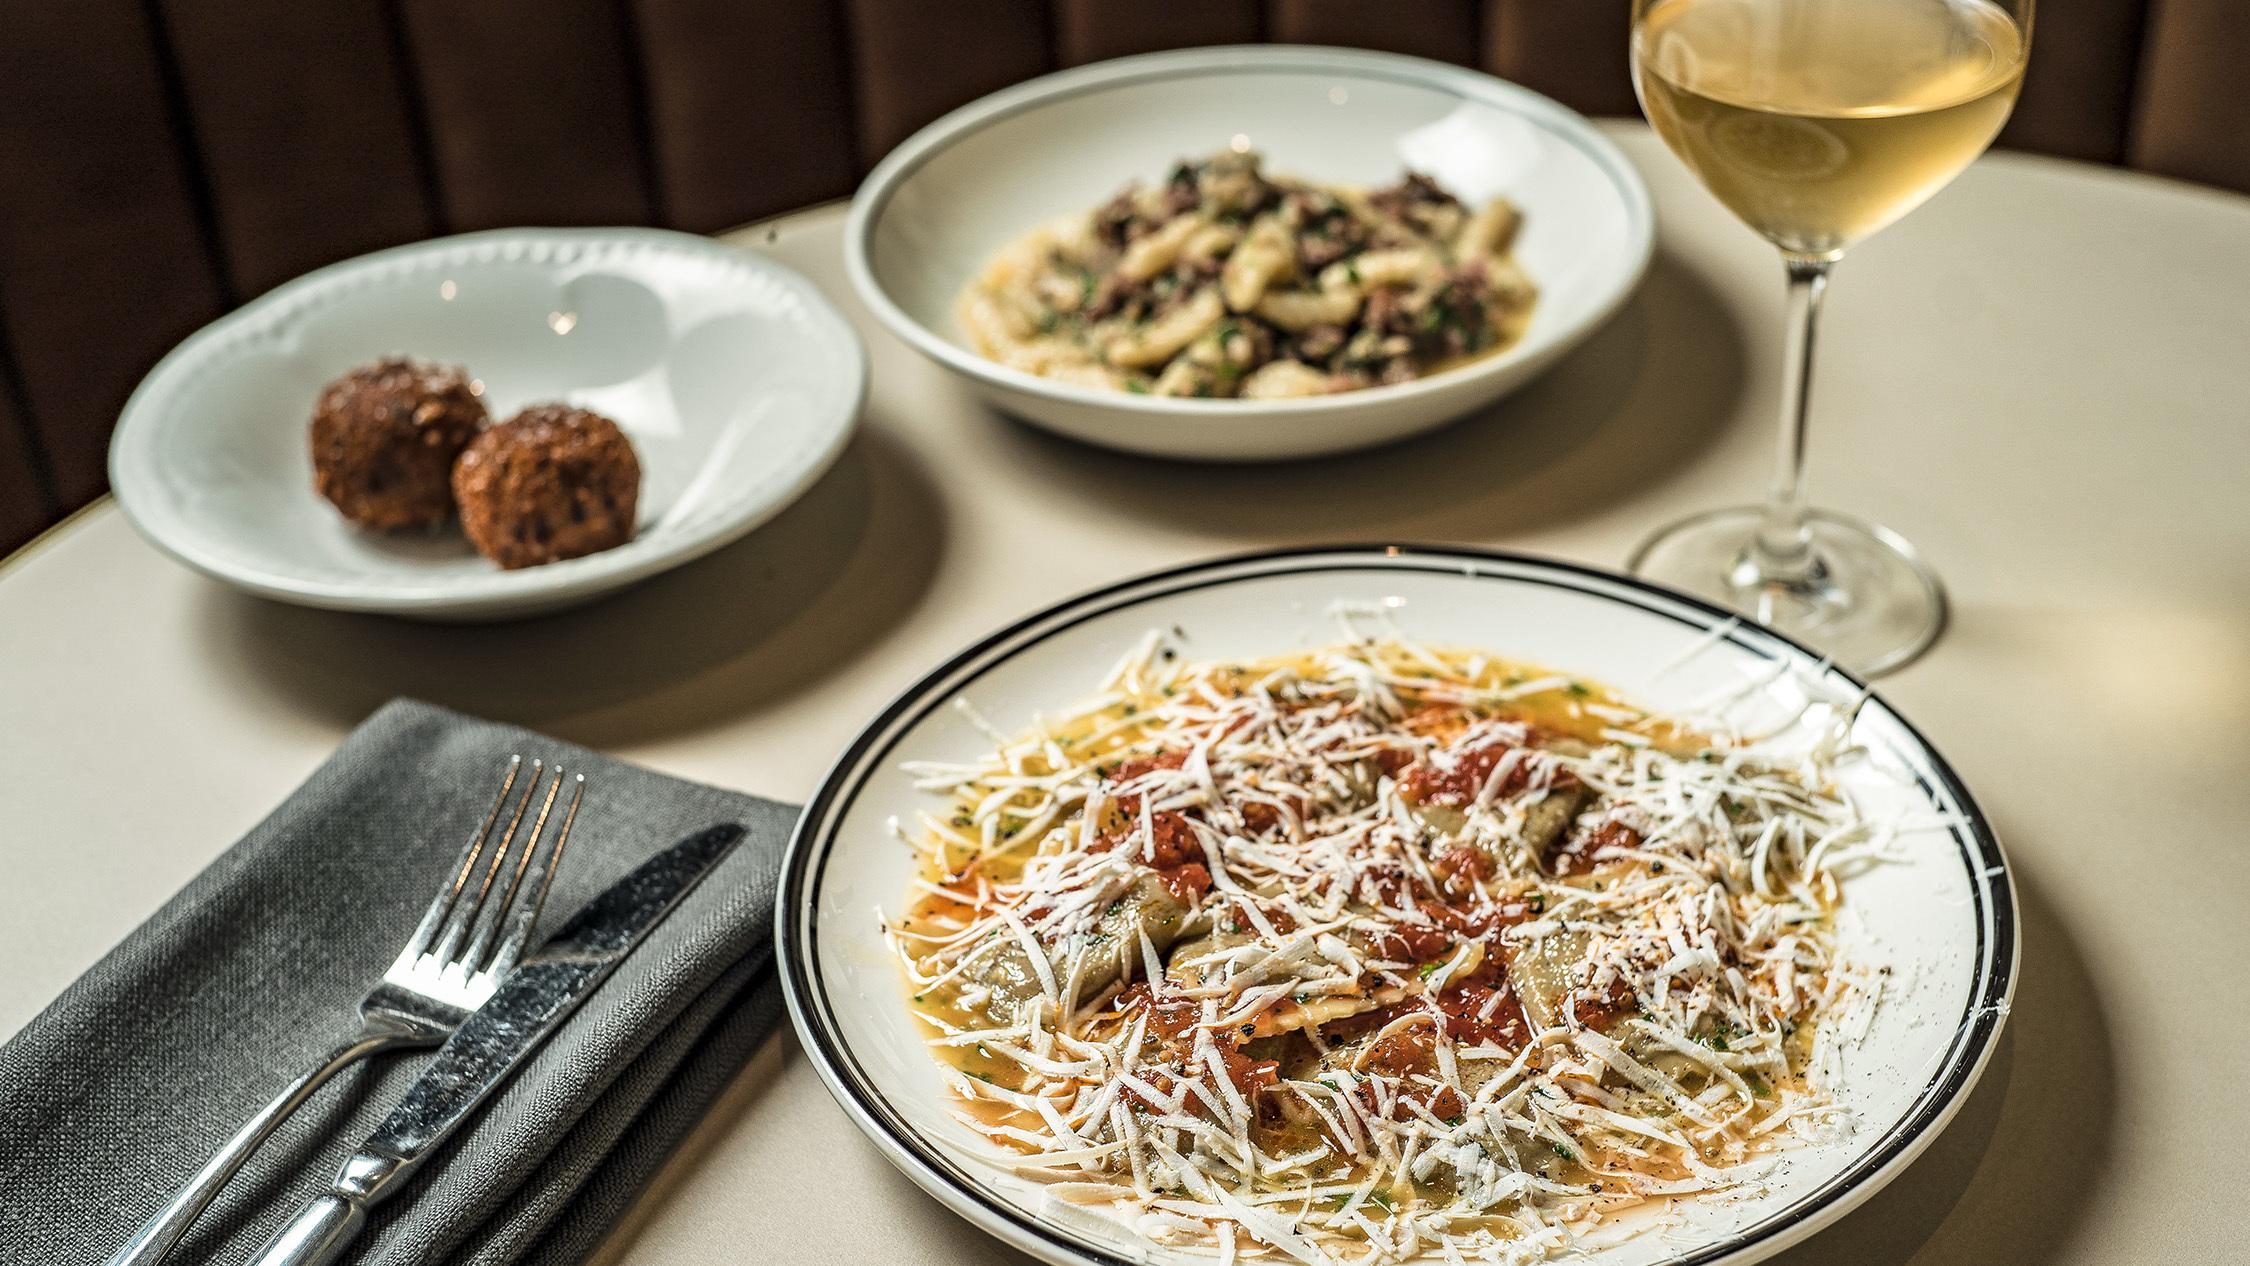 Food options on table at Ragazzi